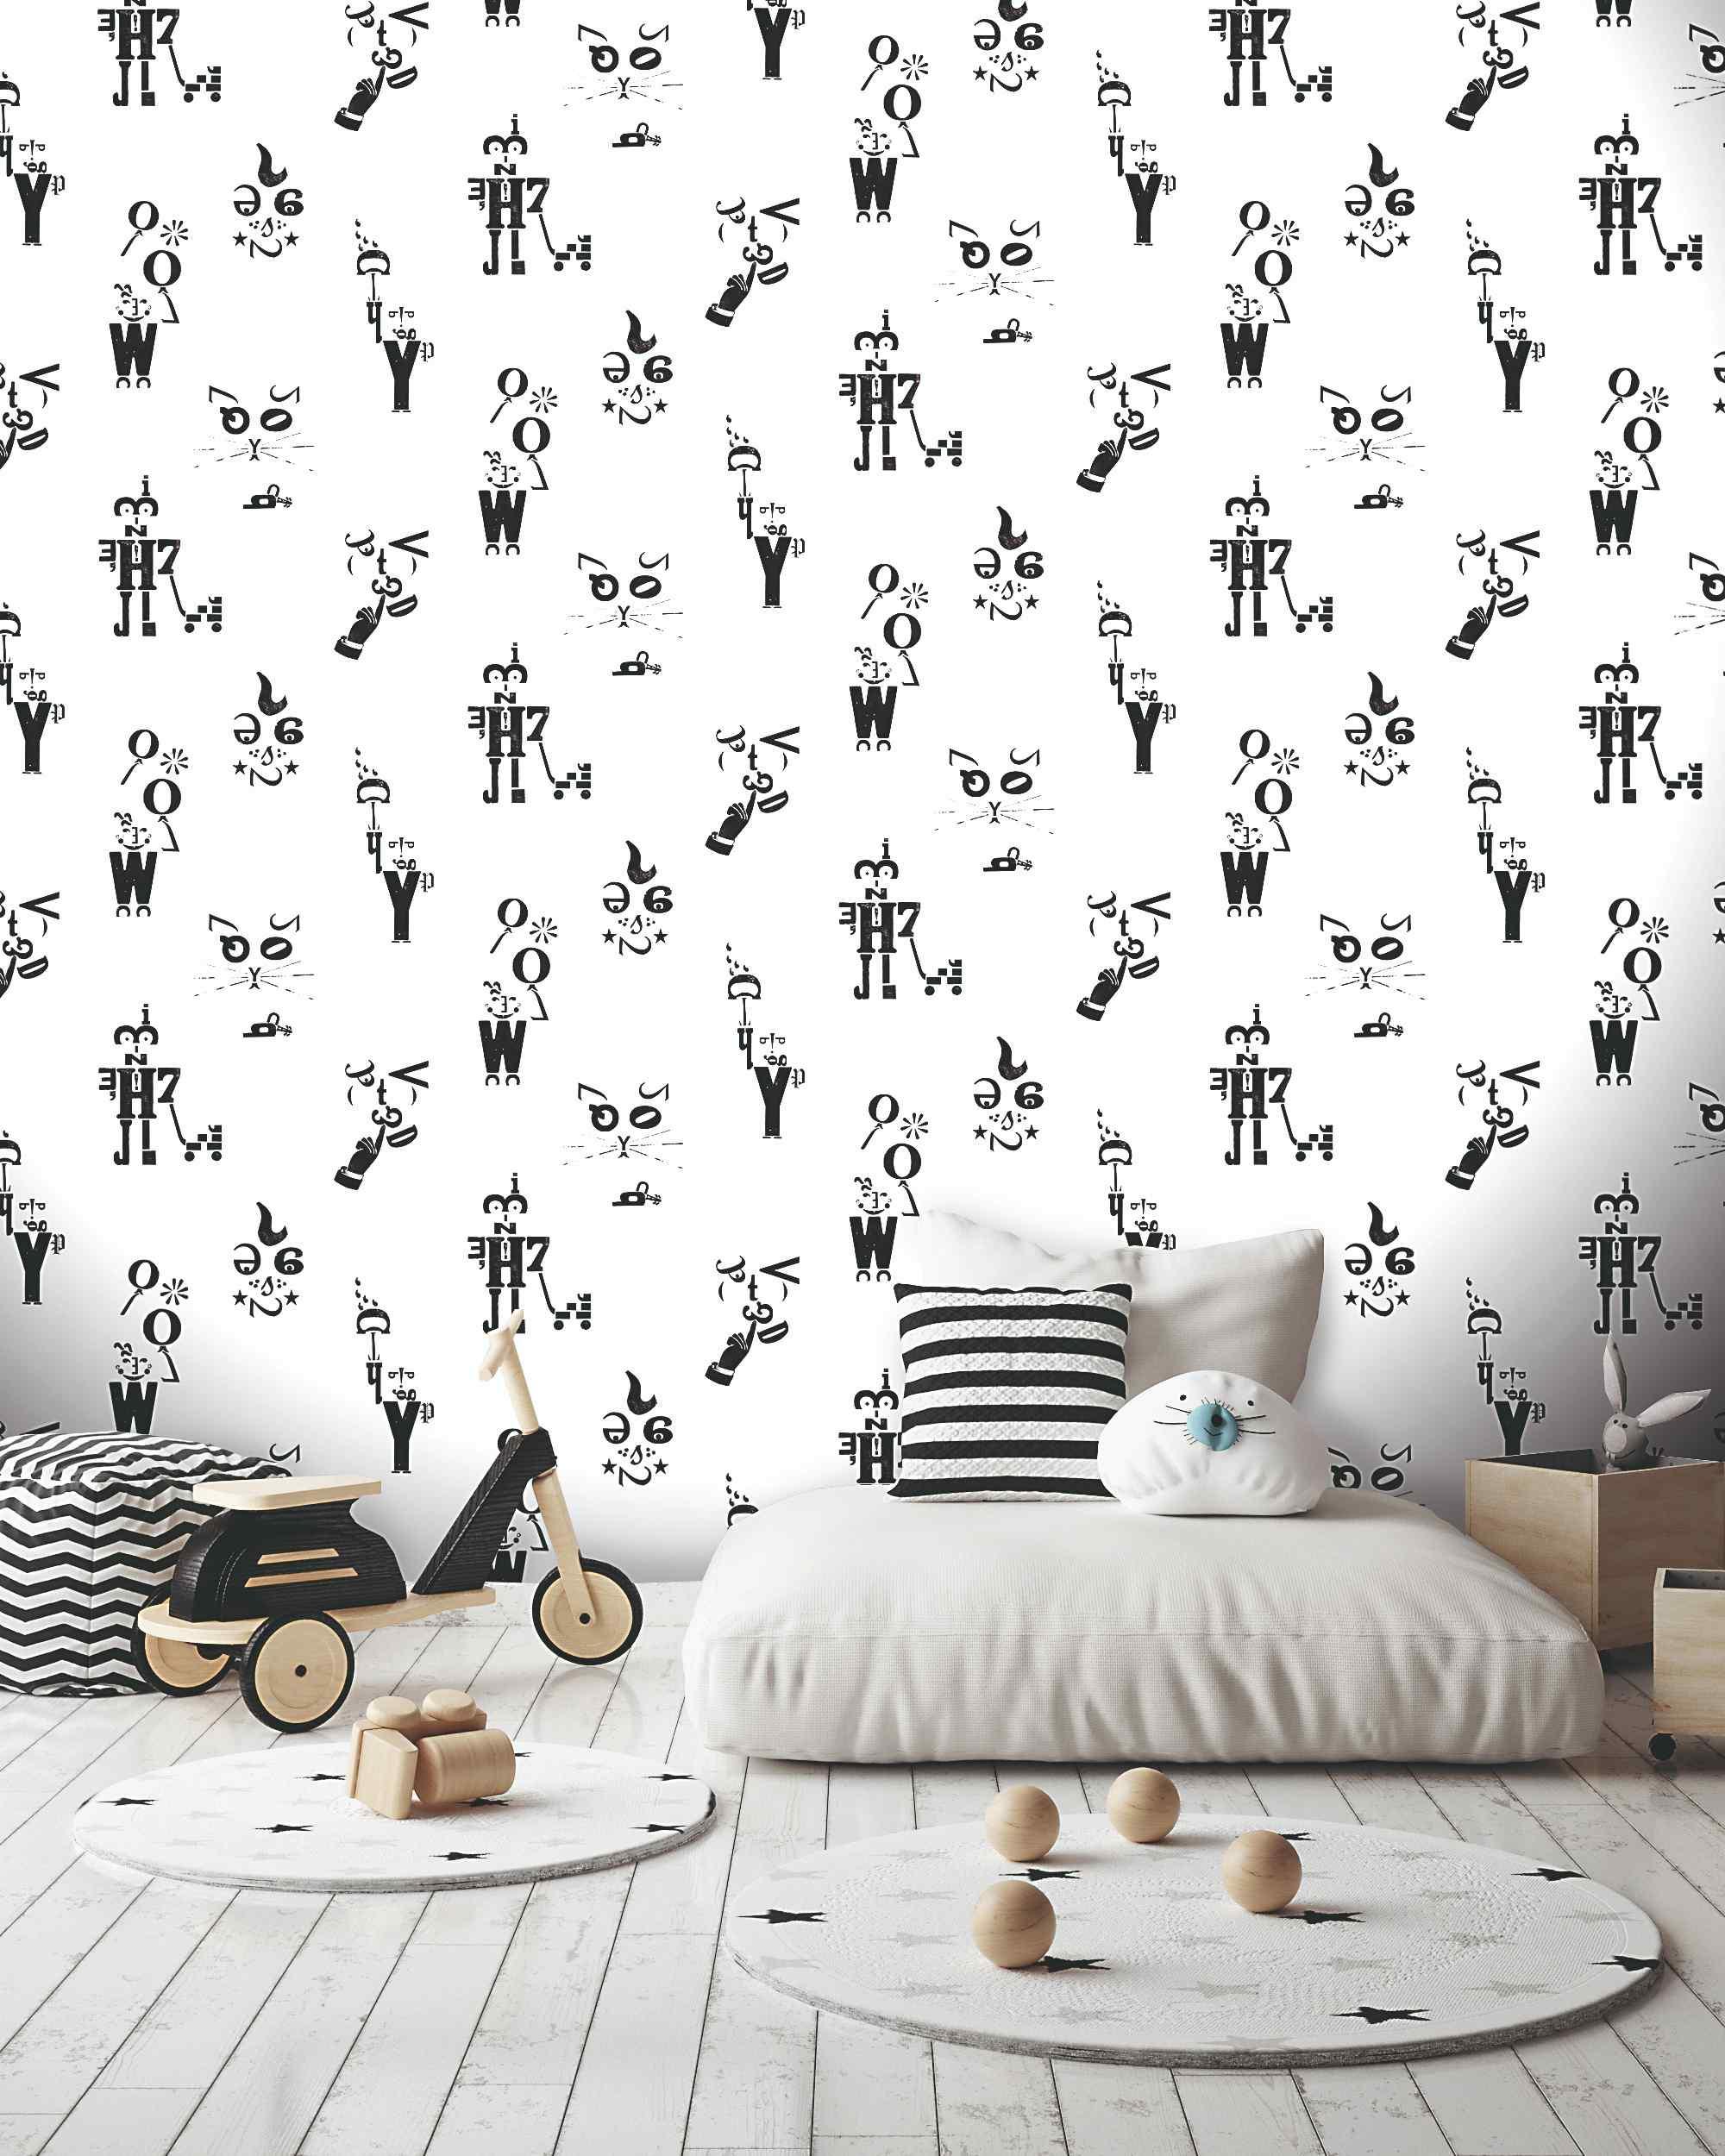 Čiernobiela tapeta s postavičkami v detskej izbe